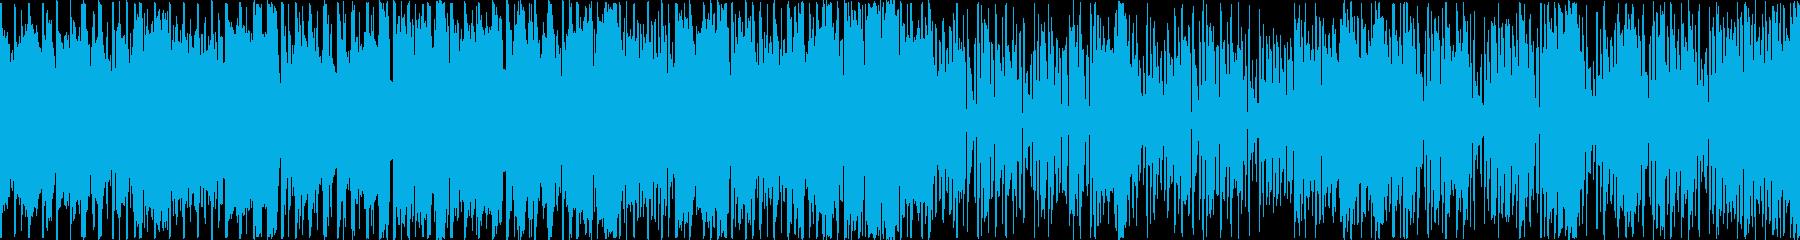 和楽器をフィーチャーしたEDM:ループBの再生済みの波形